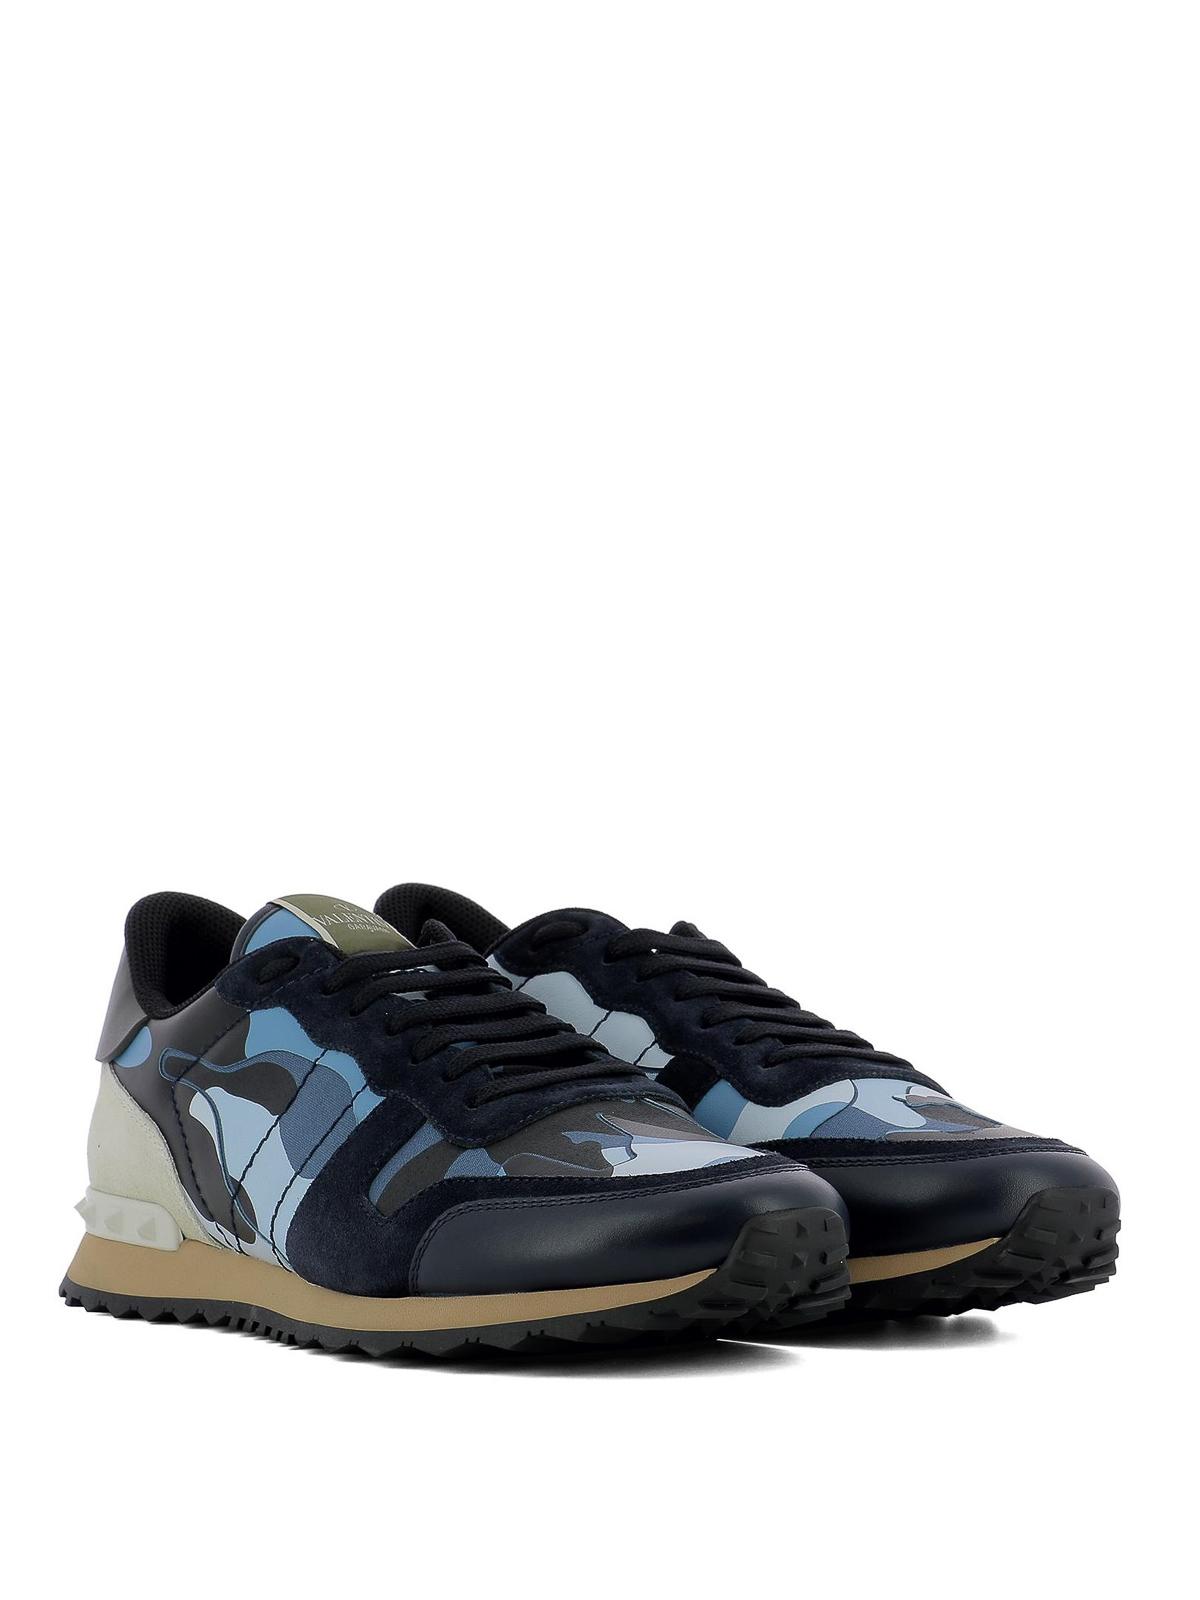 Rockrunner dark blue camo sneakers